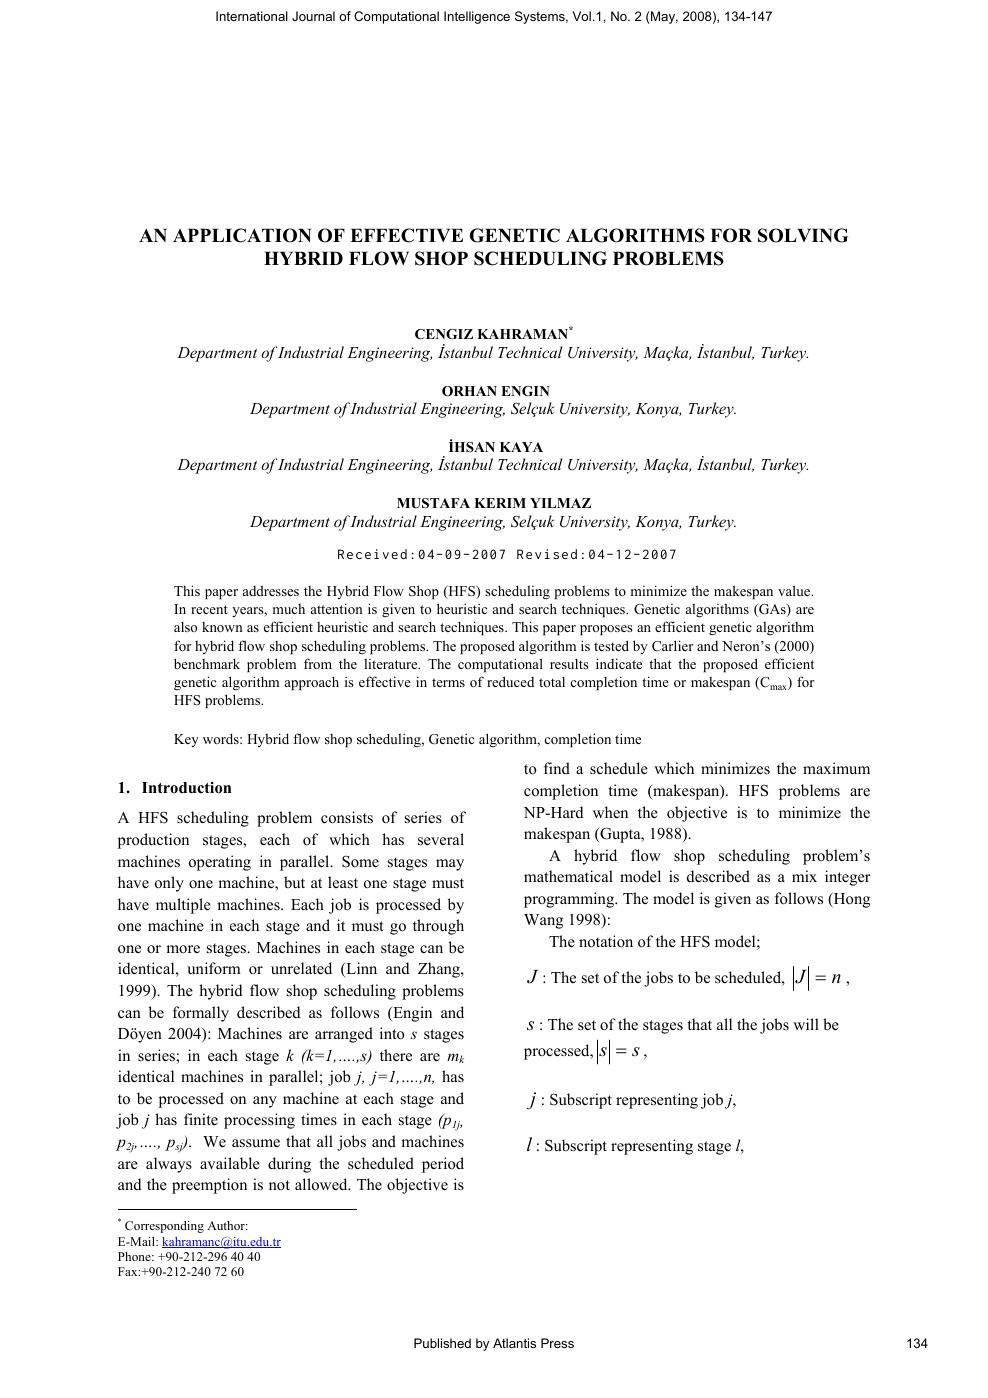 Genetic Algorithms in Applns. [appl. math]